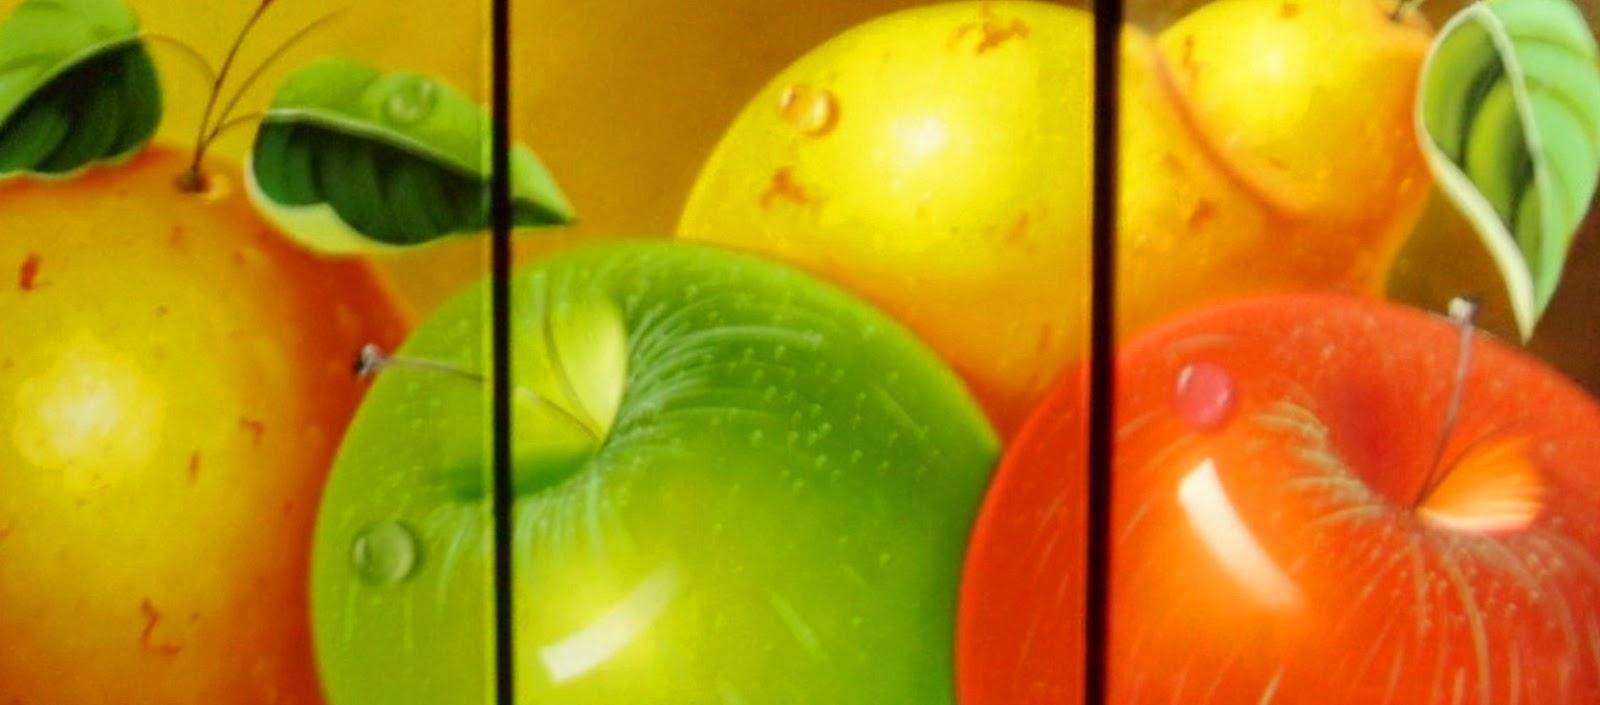 Im genes arte pinturas bodegones con frutas leo - Fotos de bodegones de frutas ...